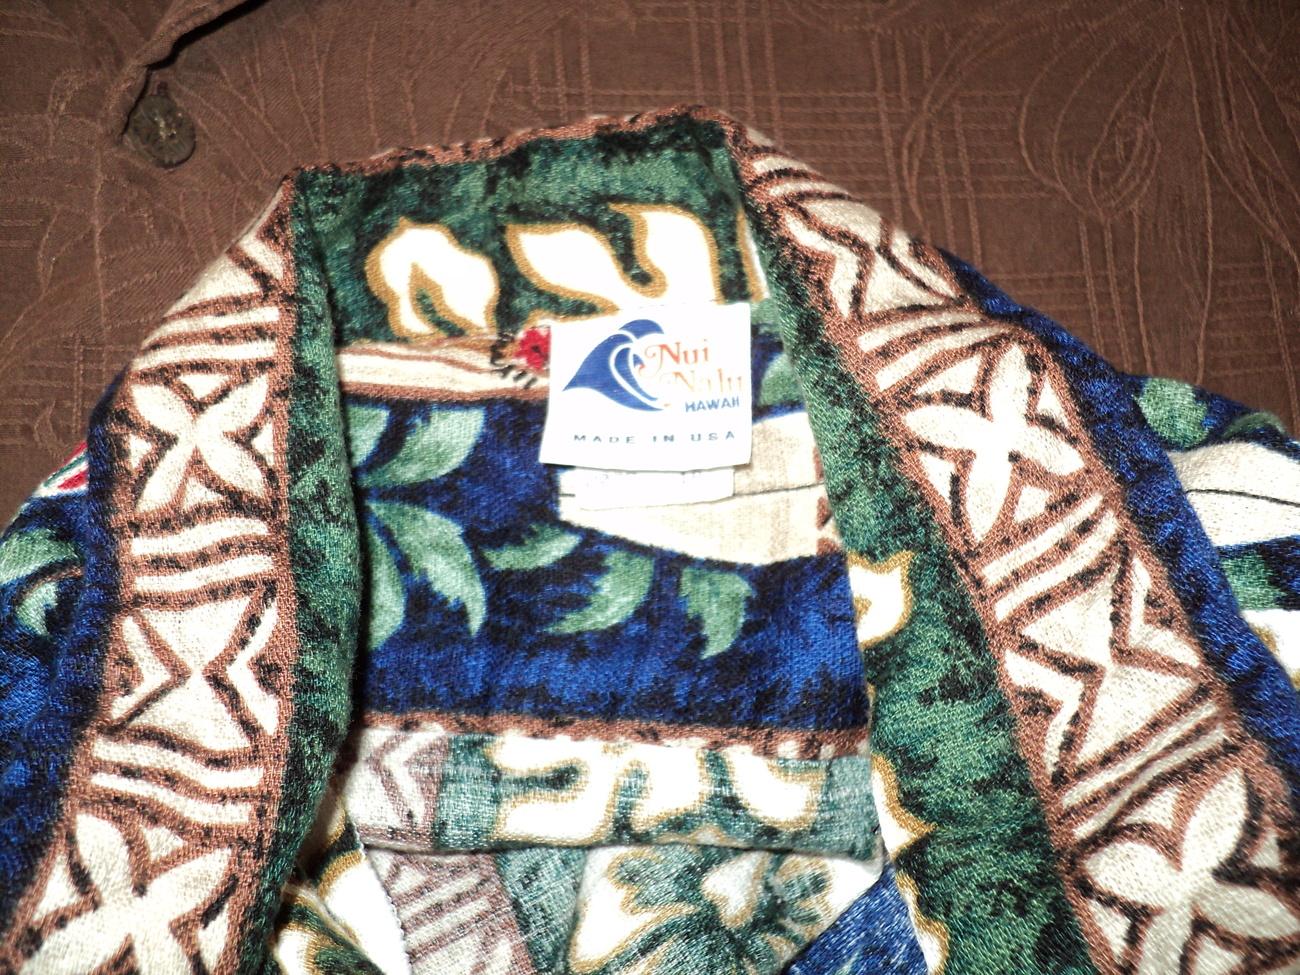 Boys Teens Hawaiian Shirt Size 18 Nui Nalu Made in USA Hawaii Surfboards